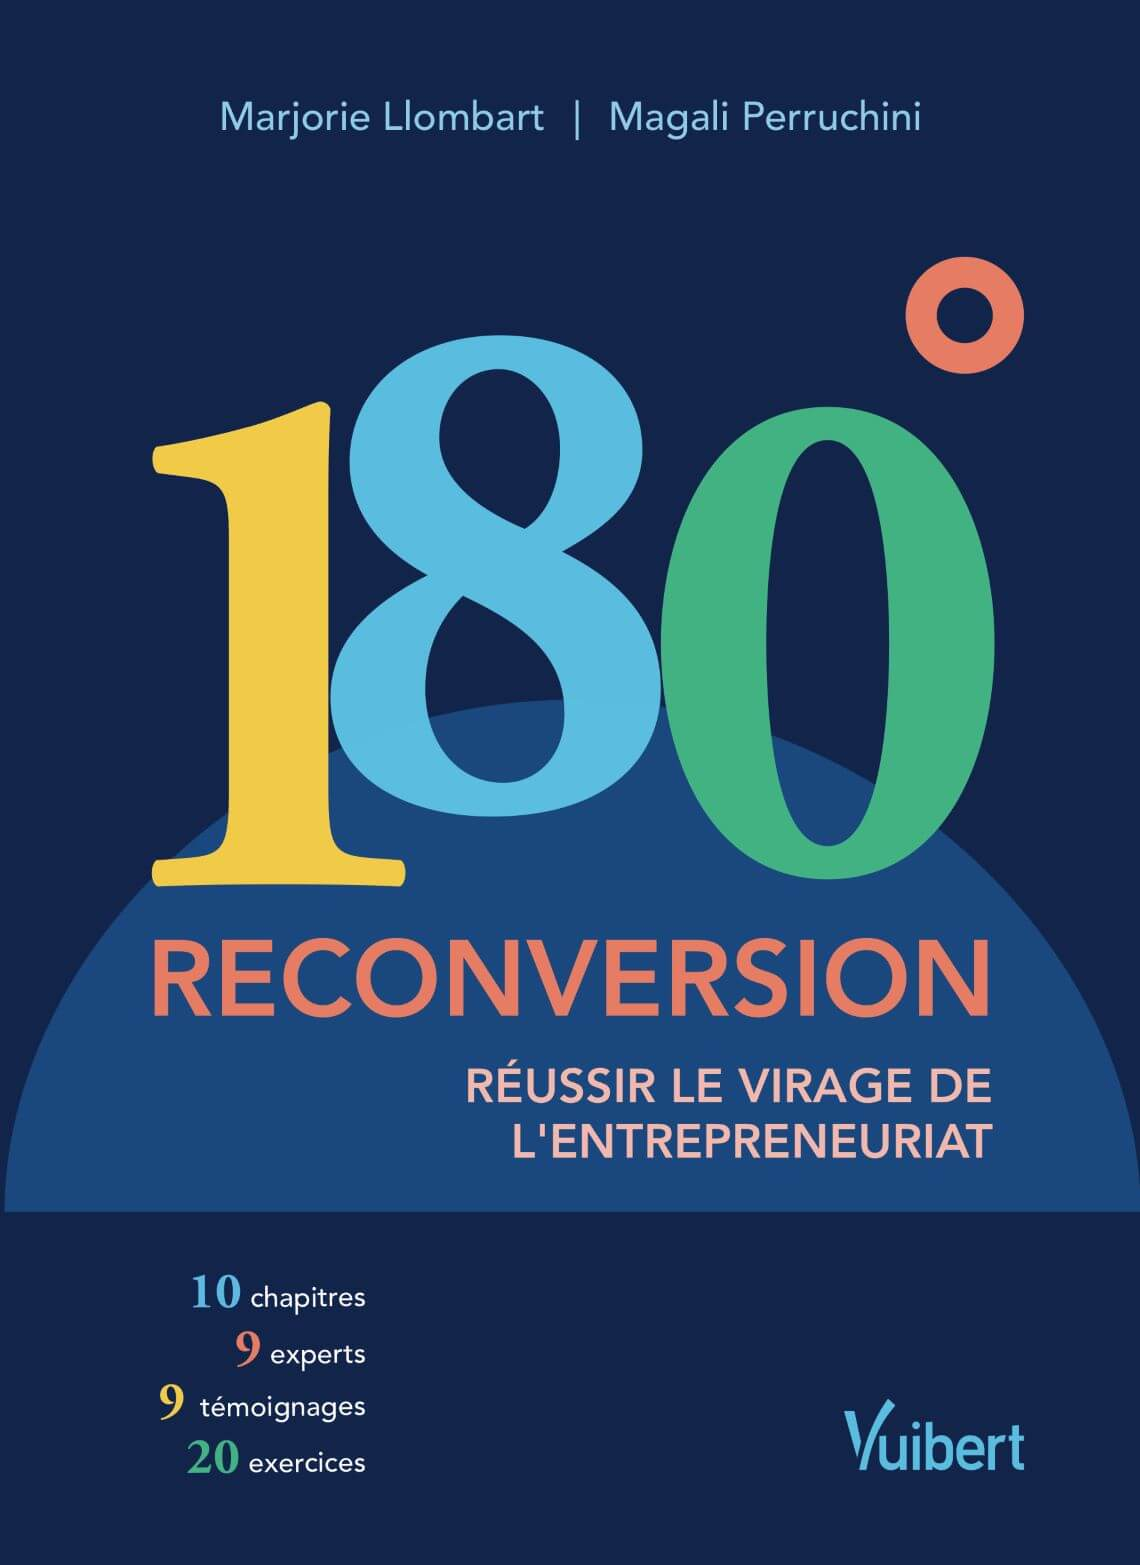 Couverture du livre 180° Reconversion. Réussir le virage de l'entrepreneuriat.